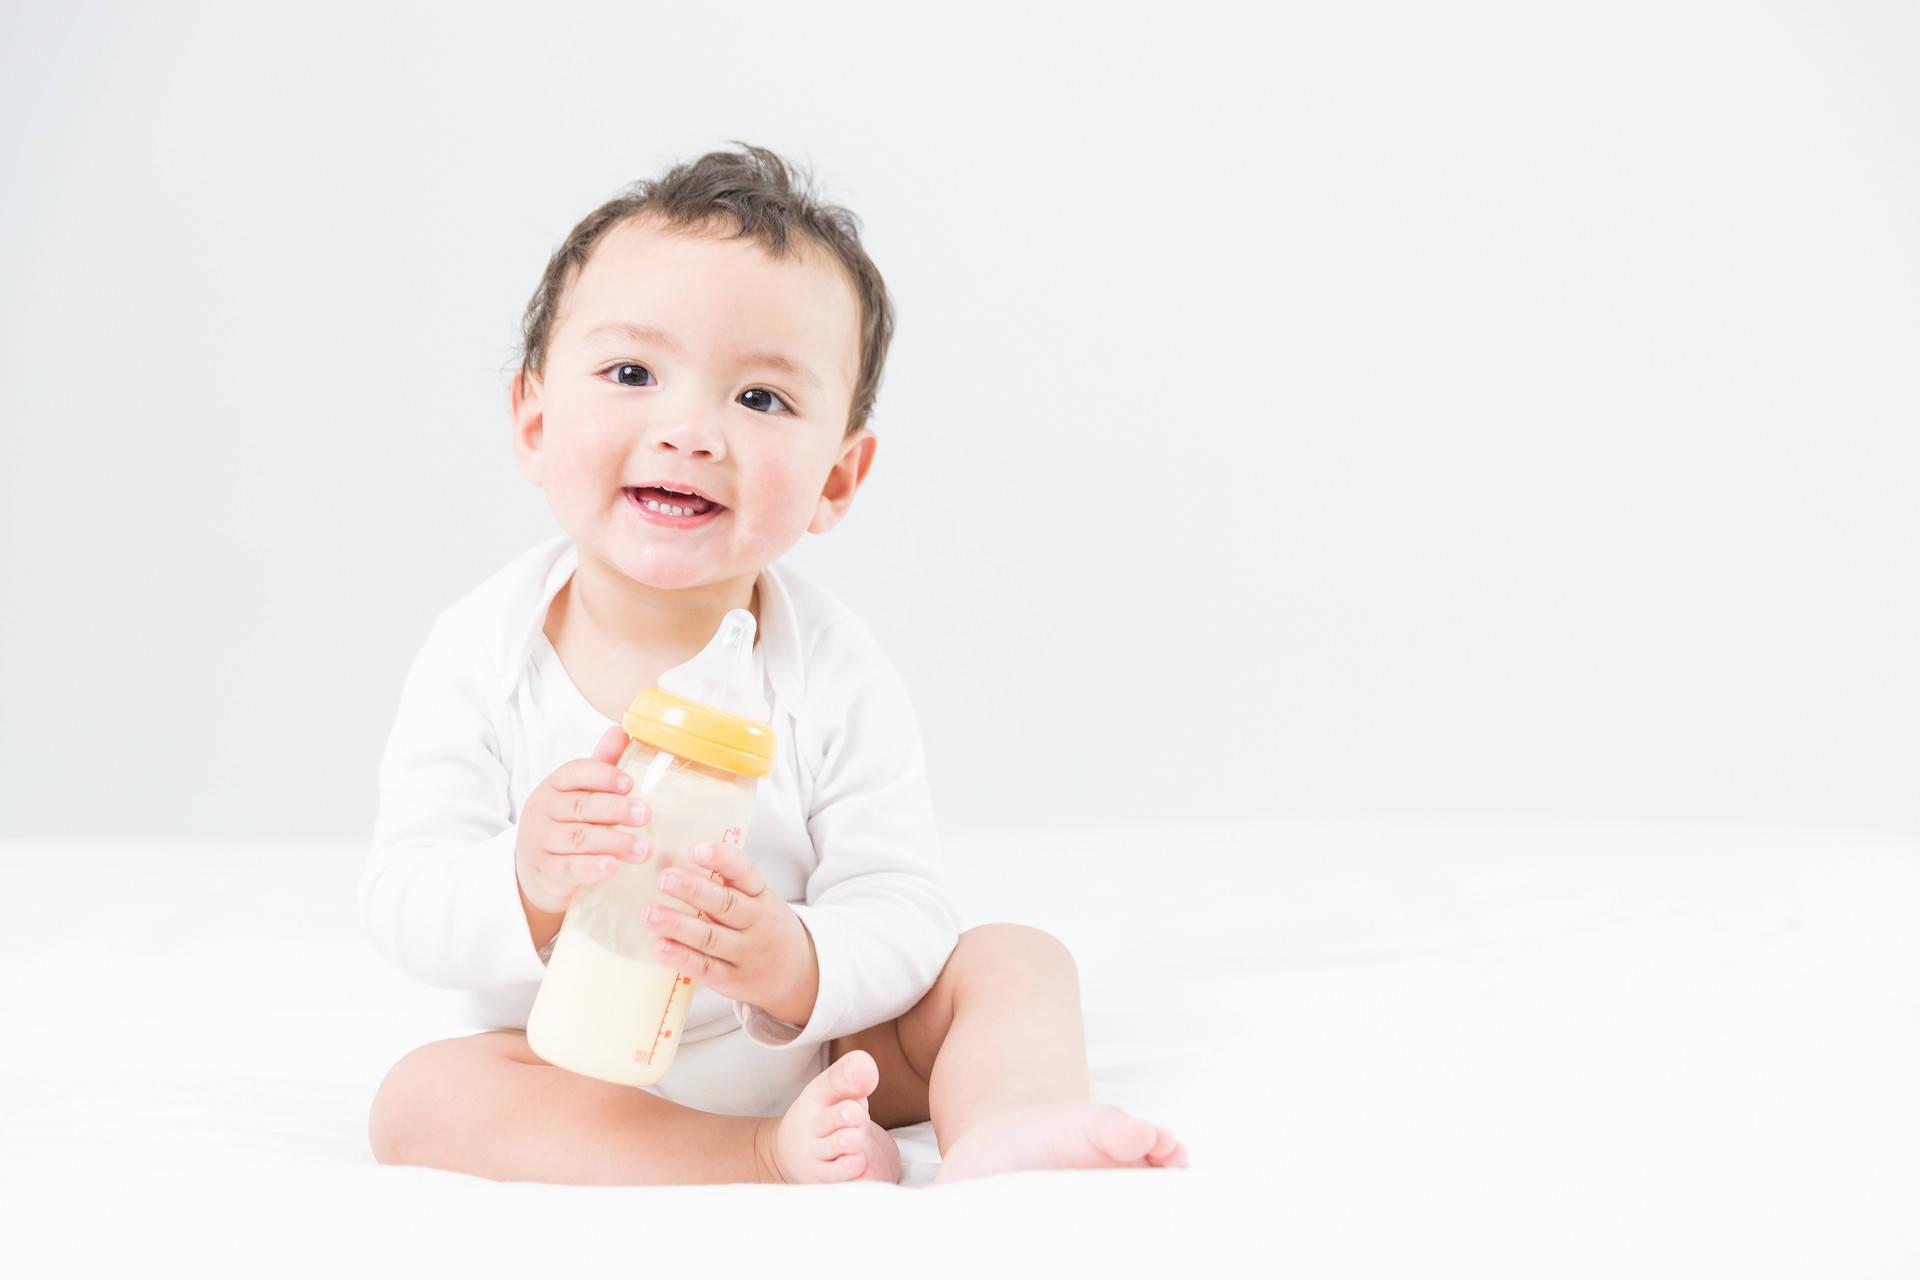 孩子添加辅食时,家长要避免十个误区,别等宝宝生病才后悔  第2张